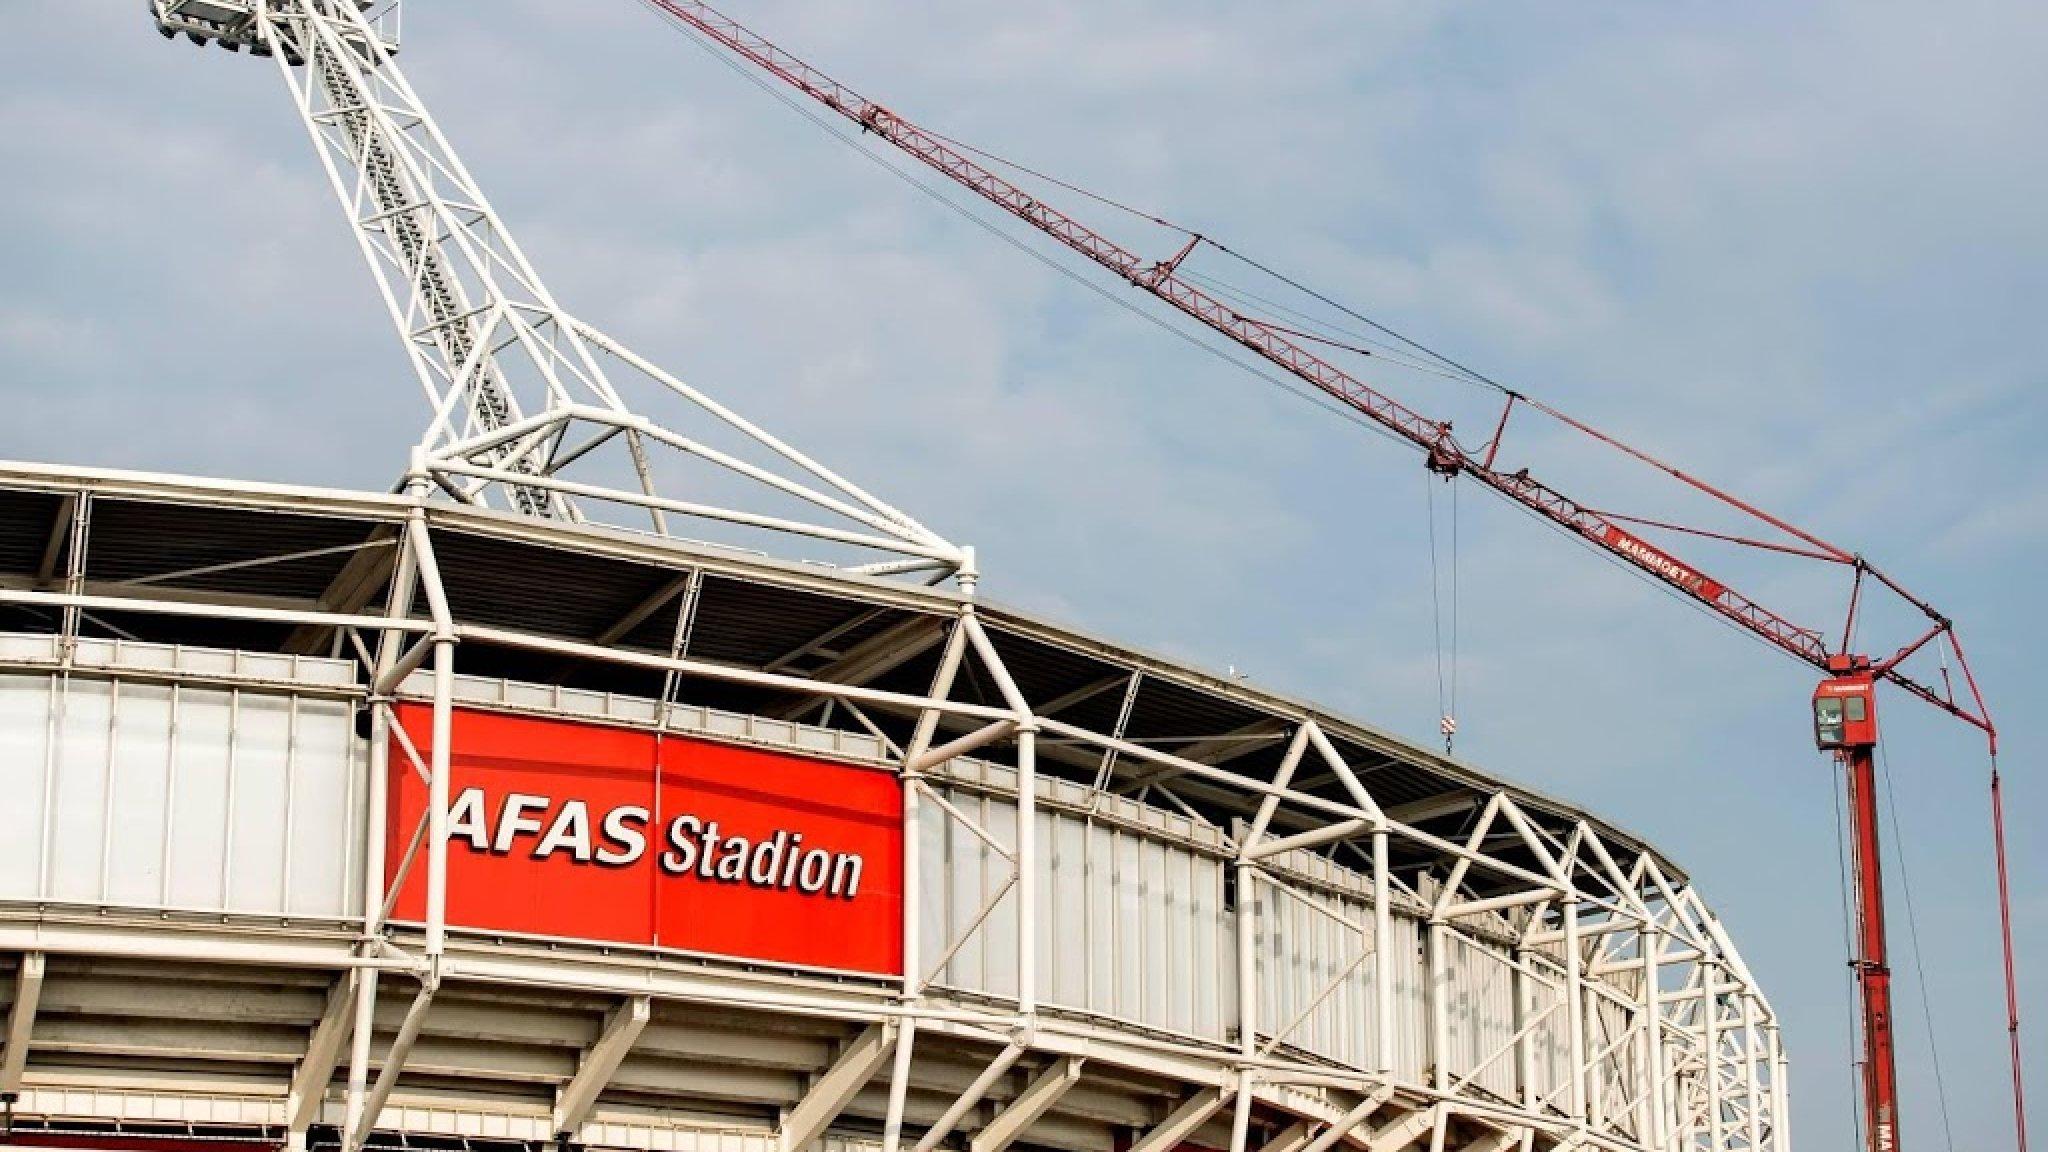 Dakconstructie AZ schoot tekort, club kiest voor nieuw dak